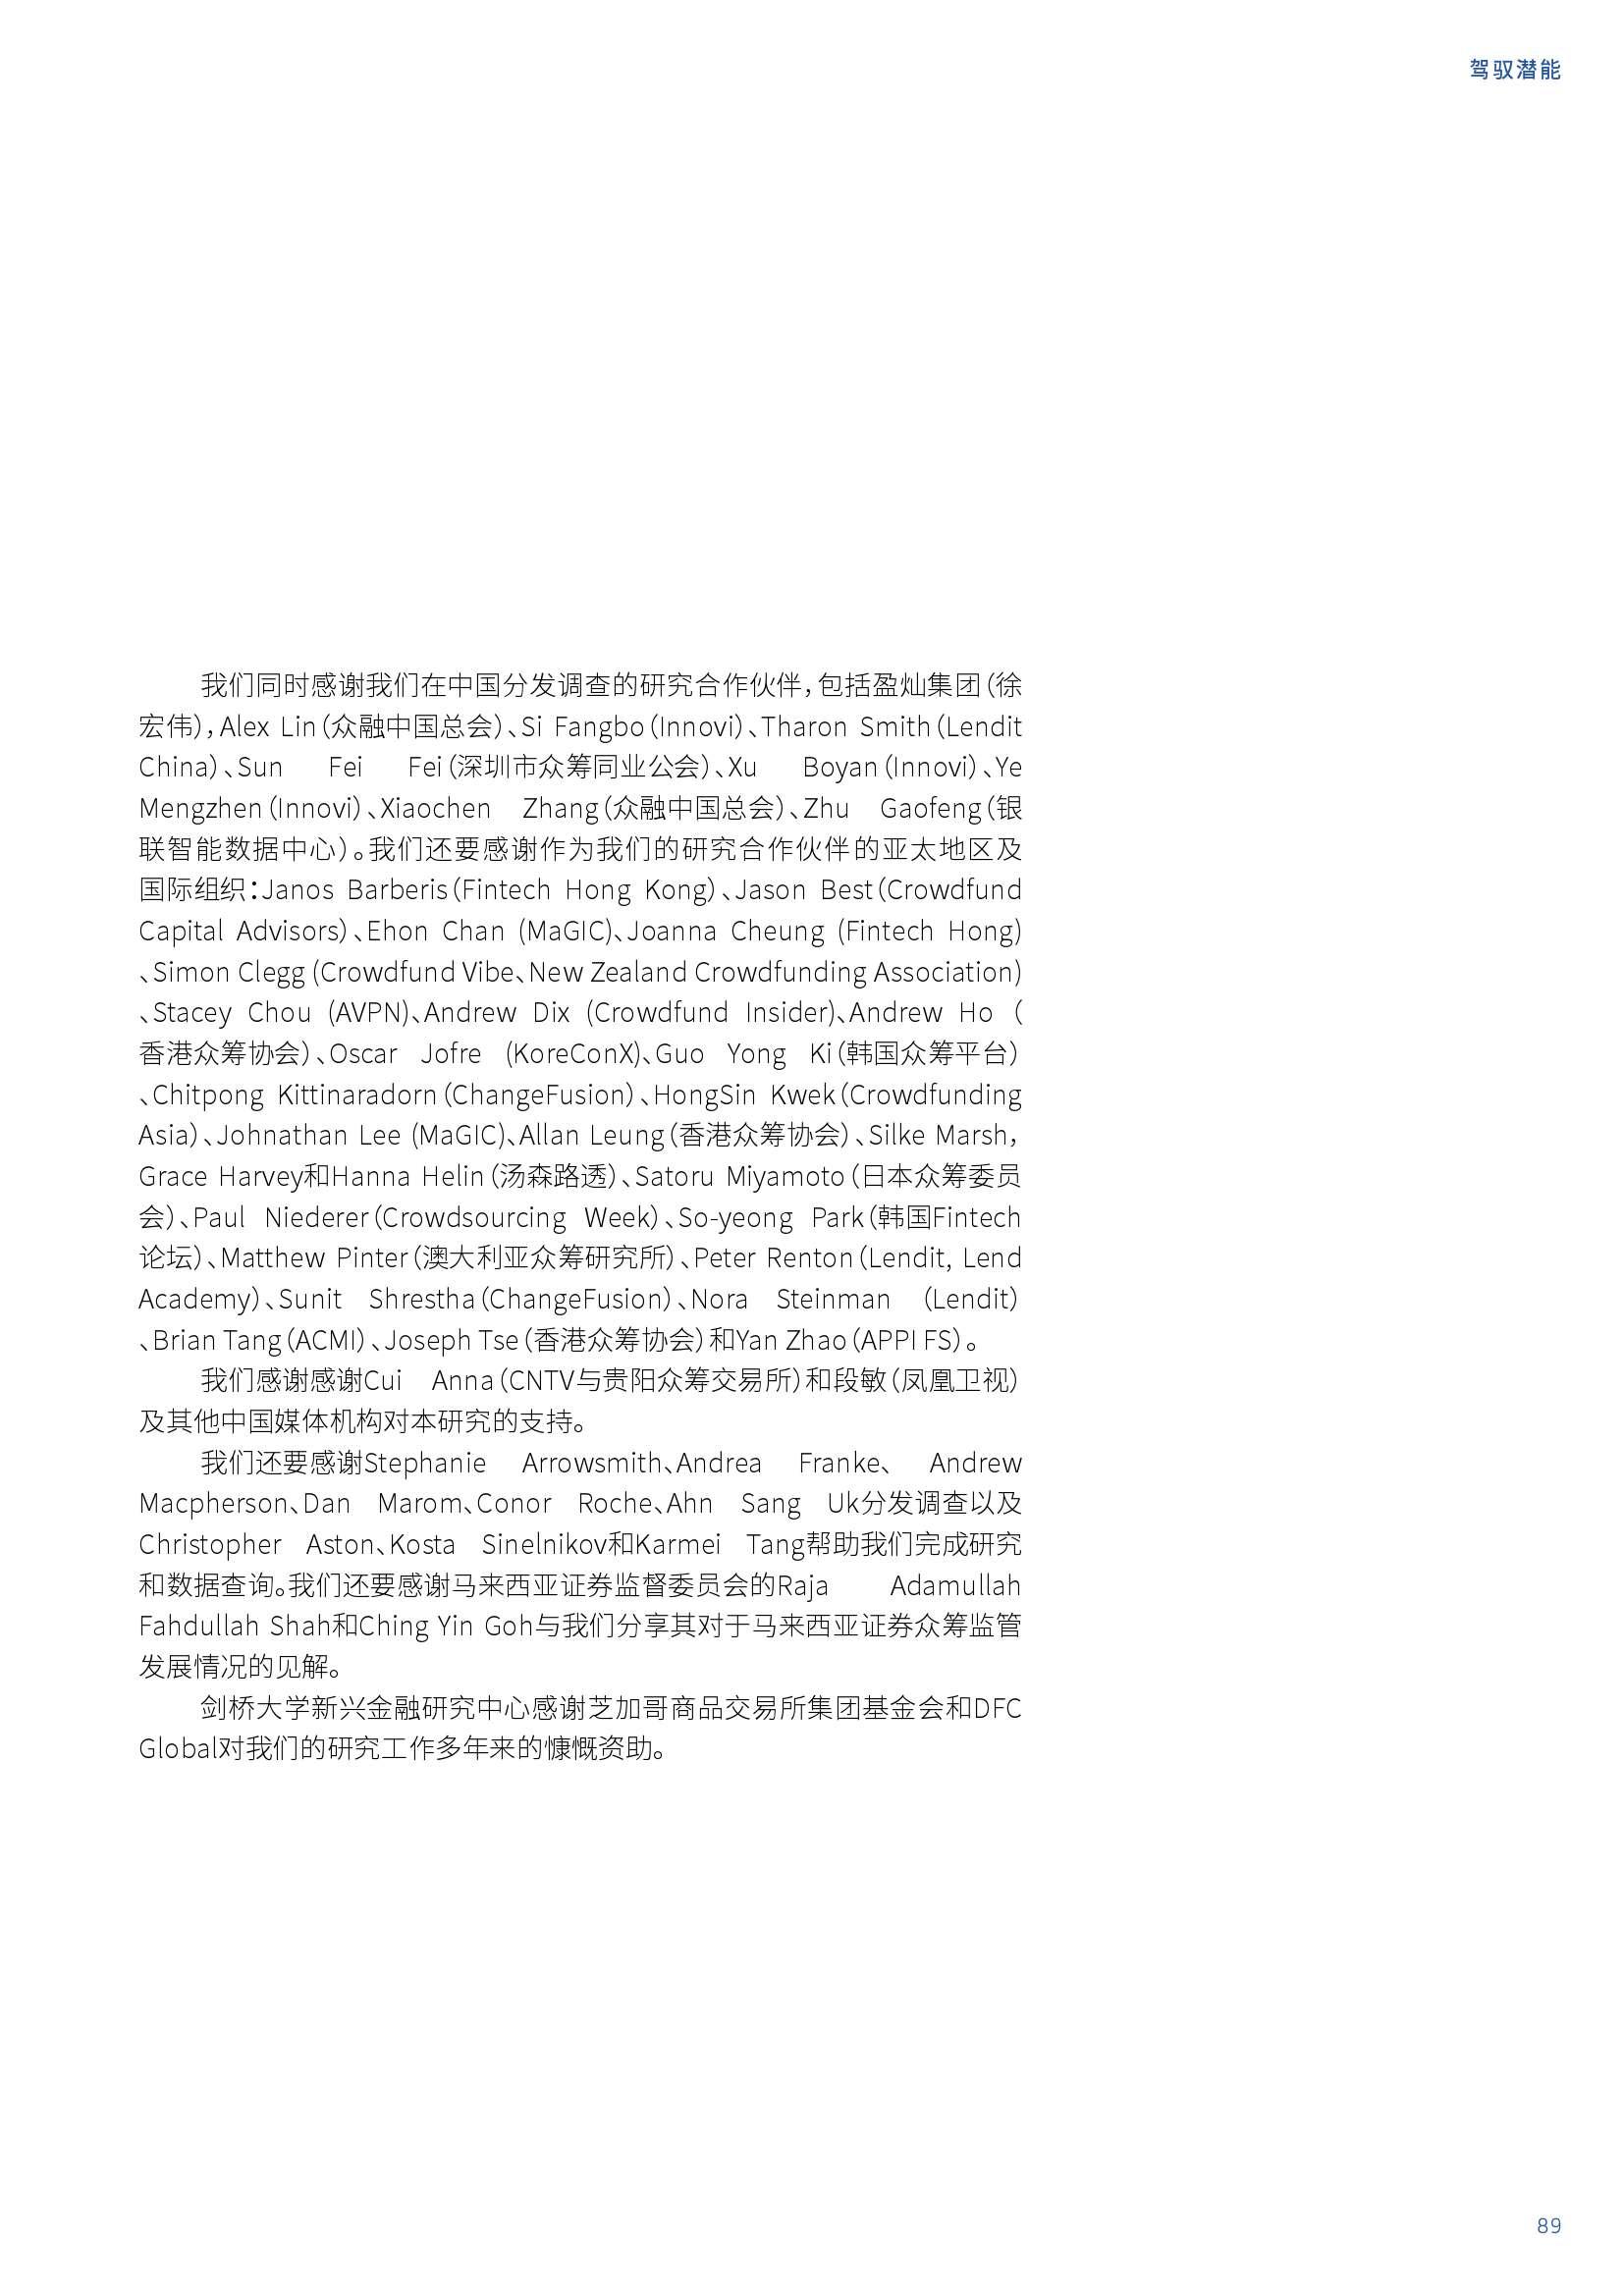 亚太地区网络替代金融基准报告_000089